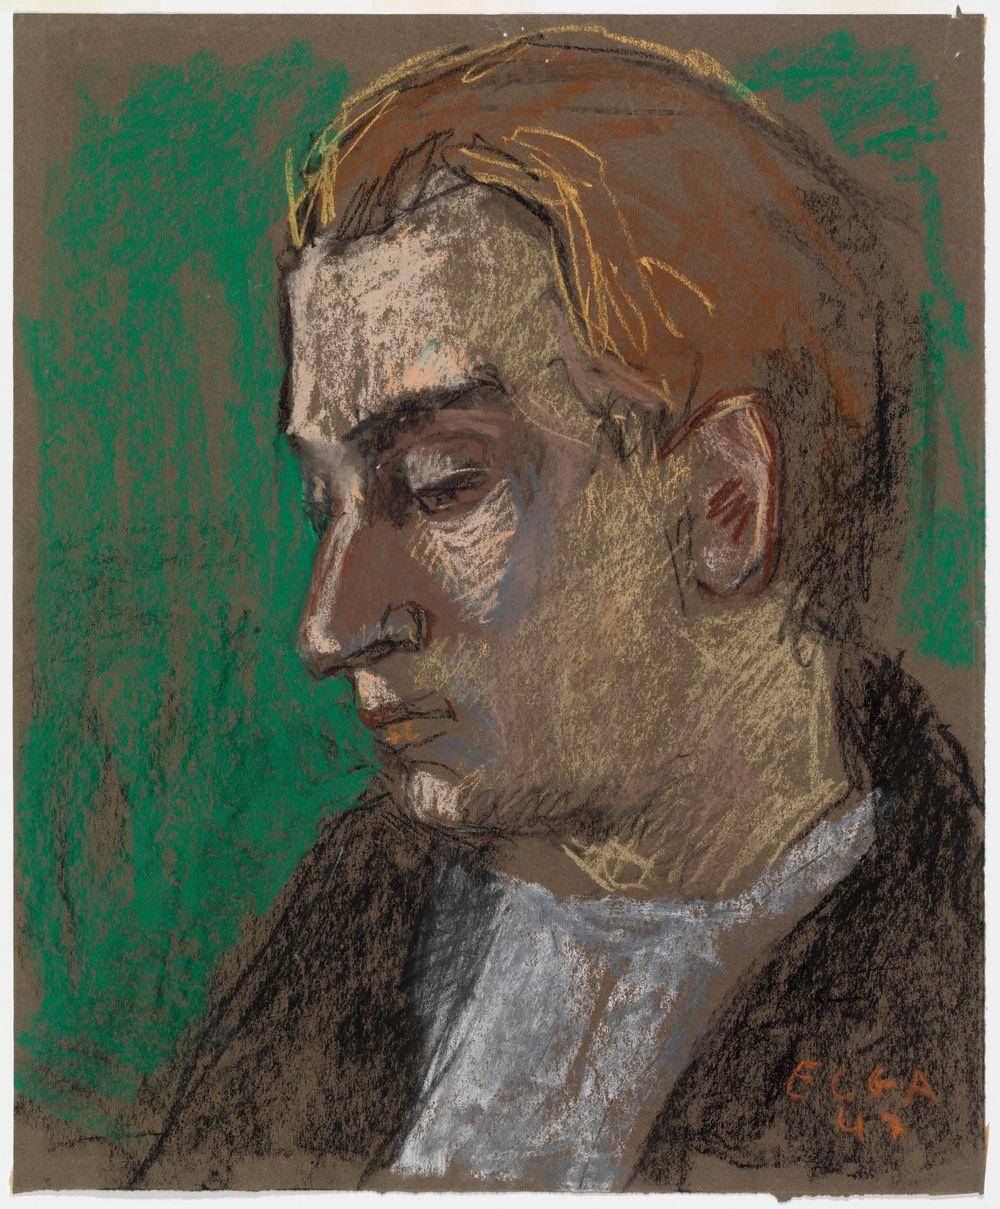 Miehen muotokuva (Seppo Näätänen)